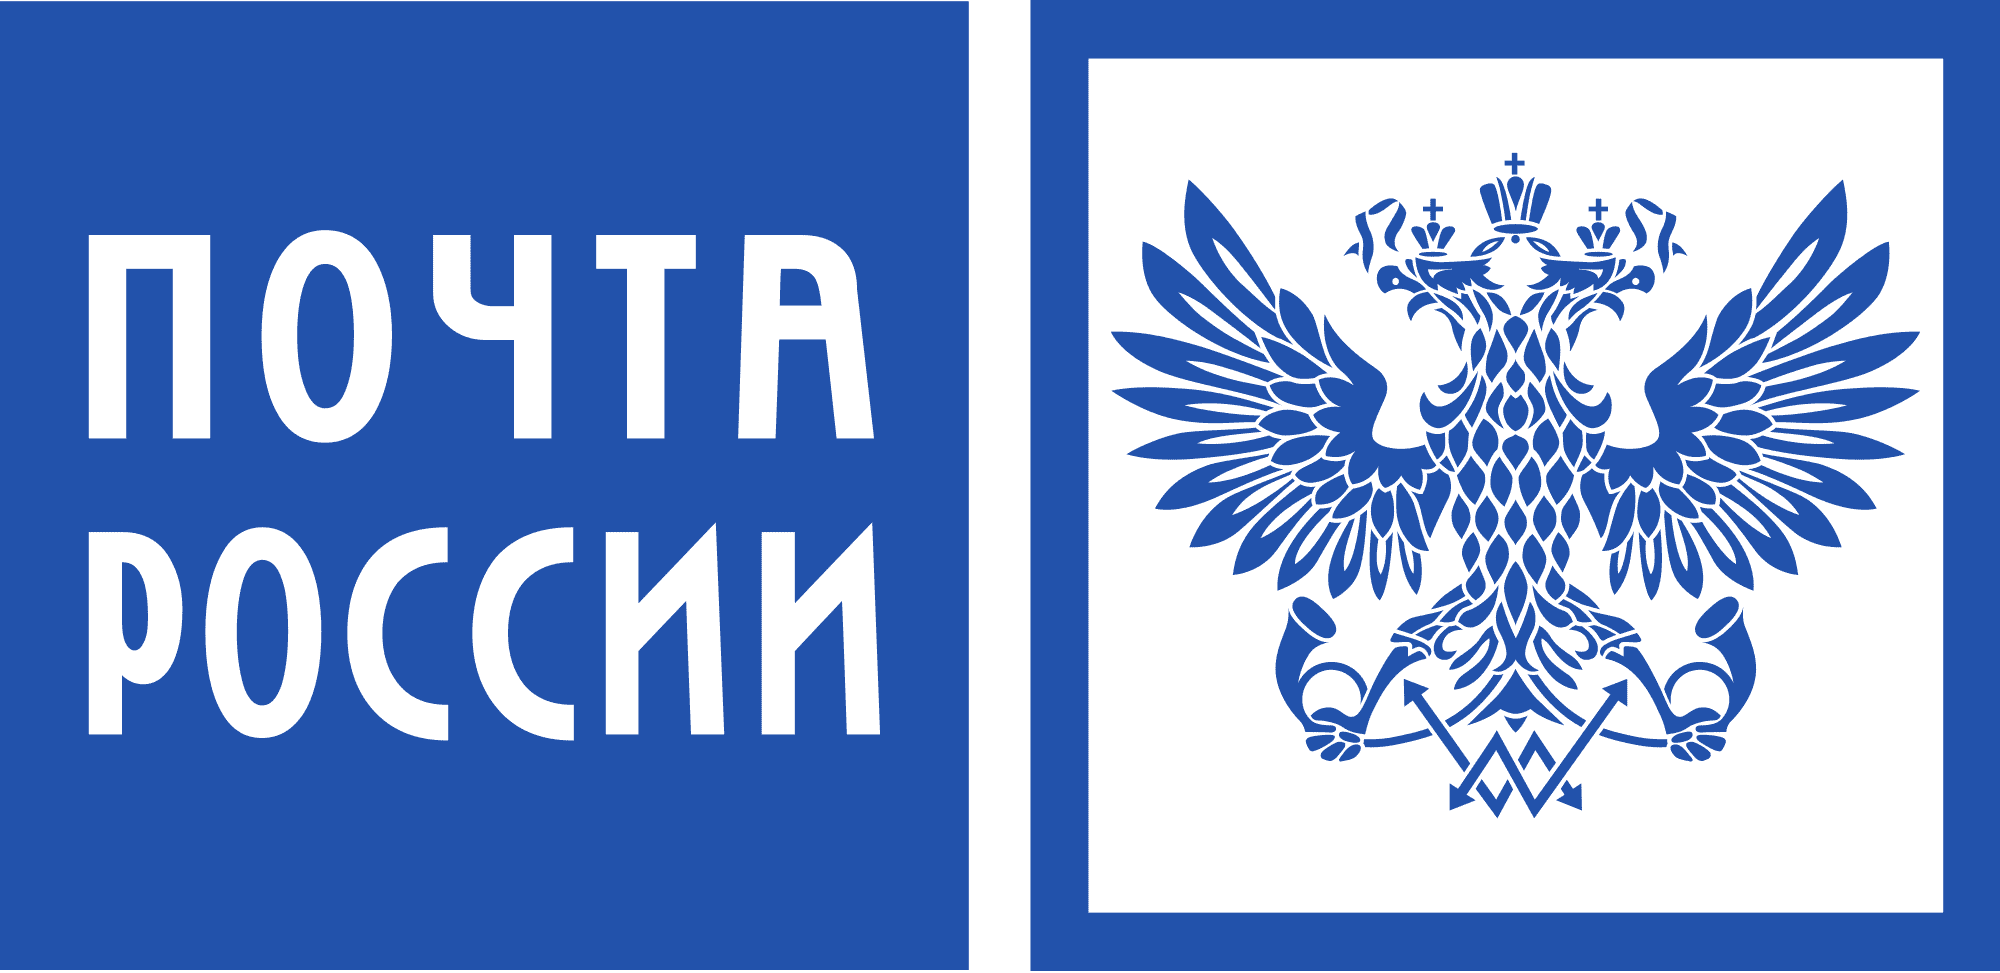 Жители Виноградовского района могут оплачивать услуги ЖКХ, мобильные платежи, услуги интернет-провайдера, а также штрафные санкции на сайте Почты России